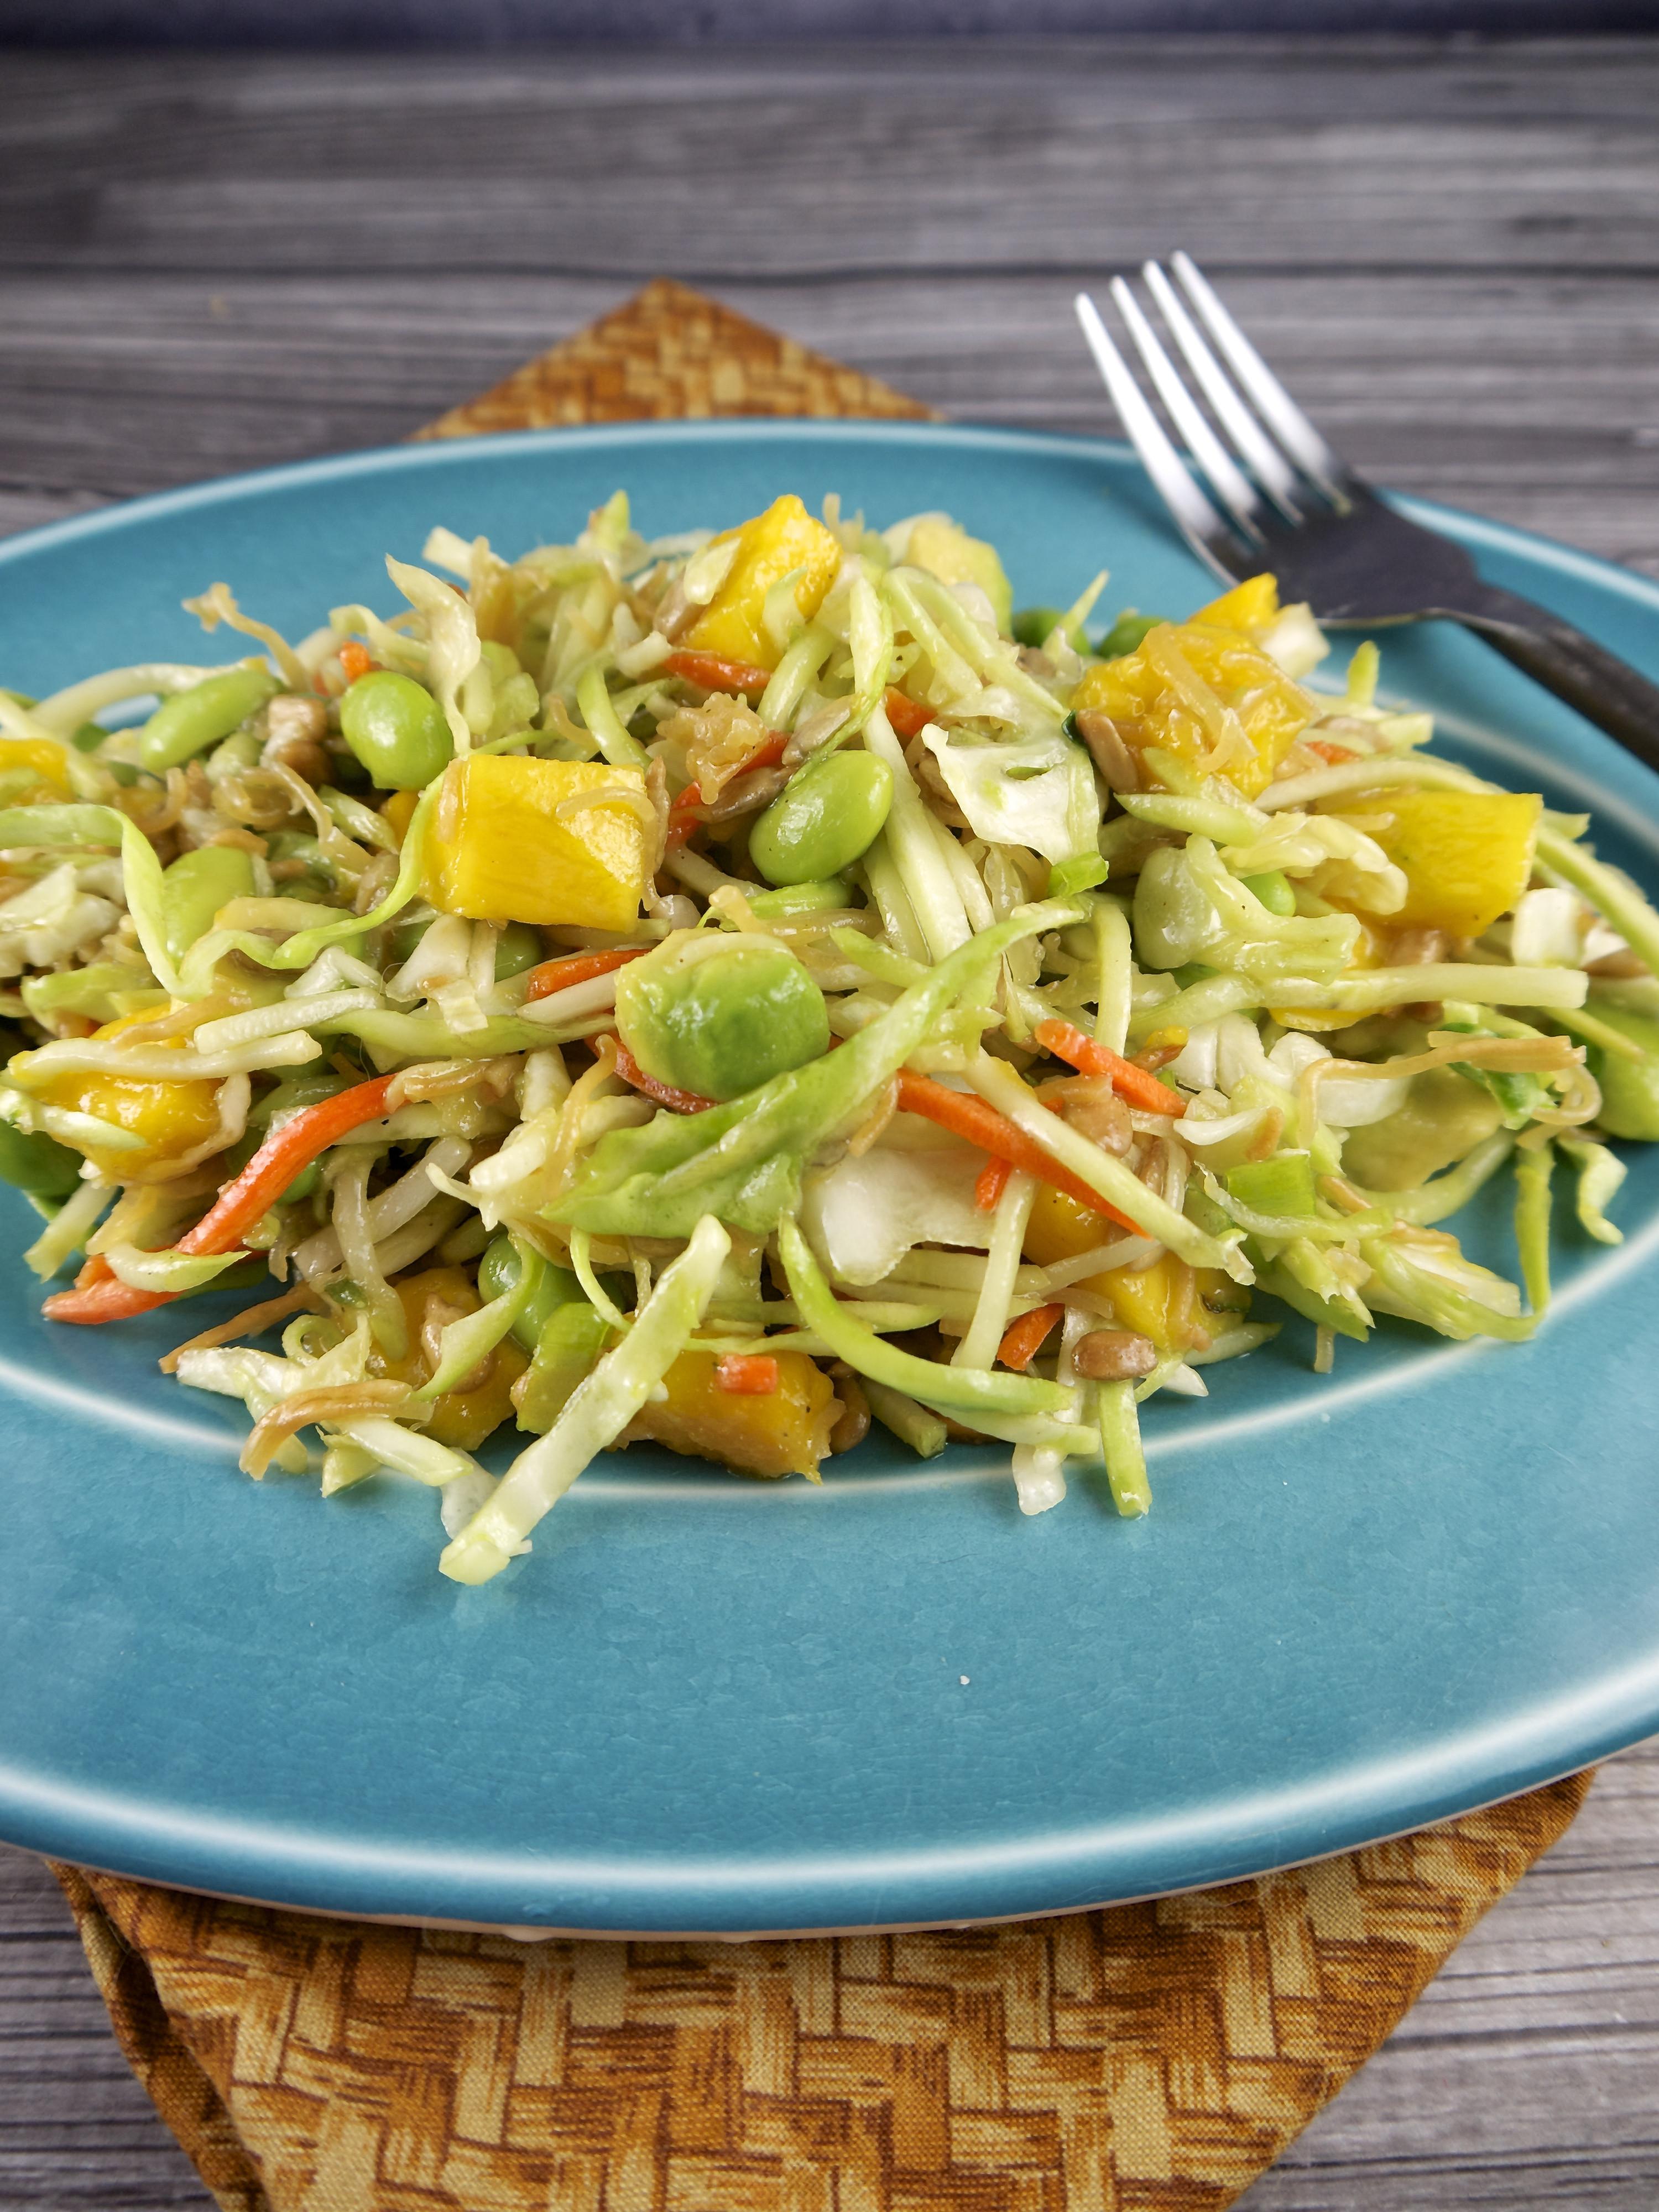 Healthy Alternative To Ramen Noodles  Healthy Ramen Noodle Salad